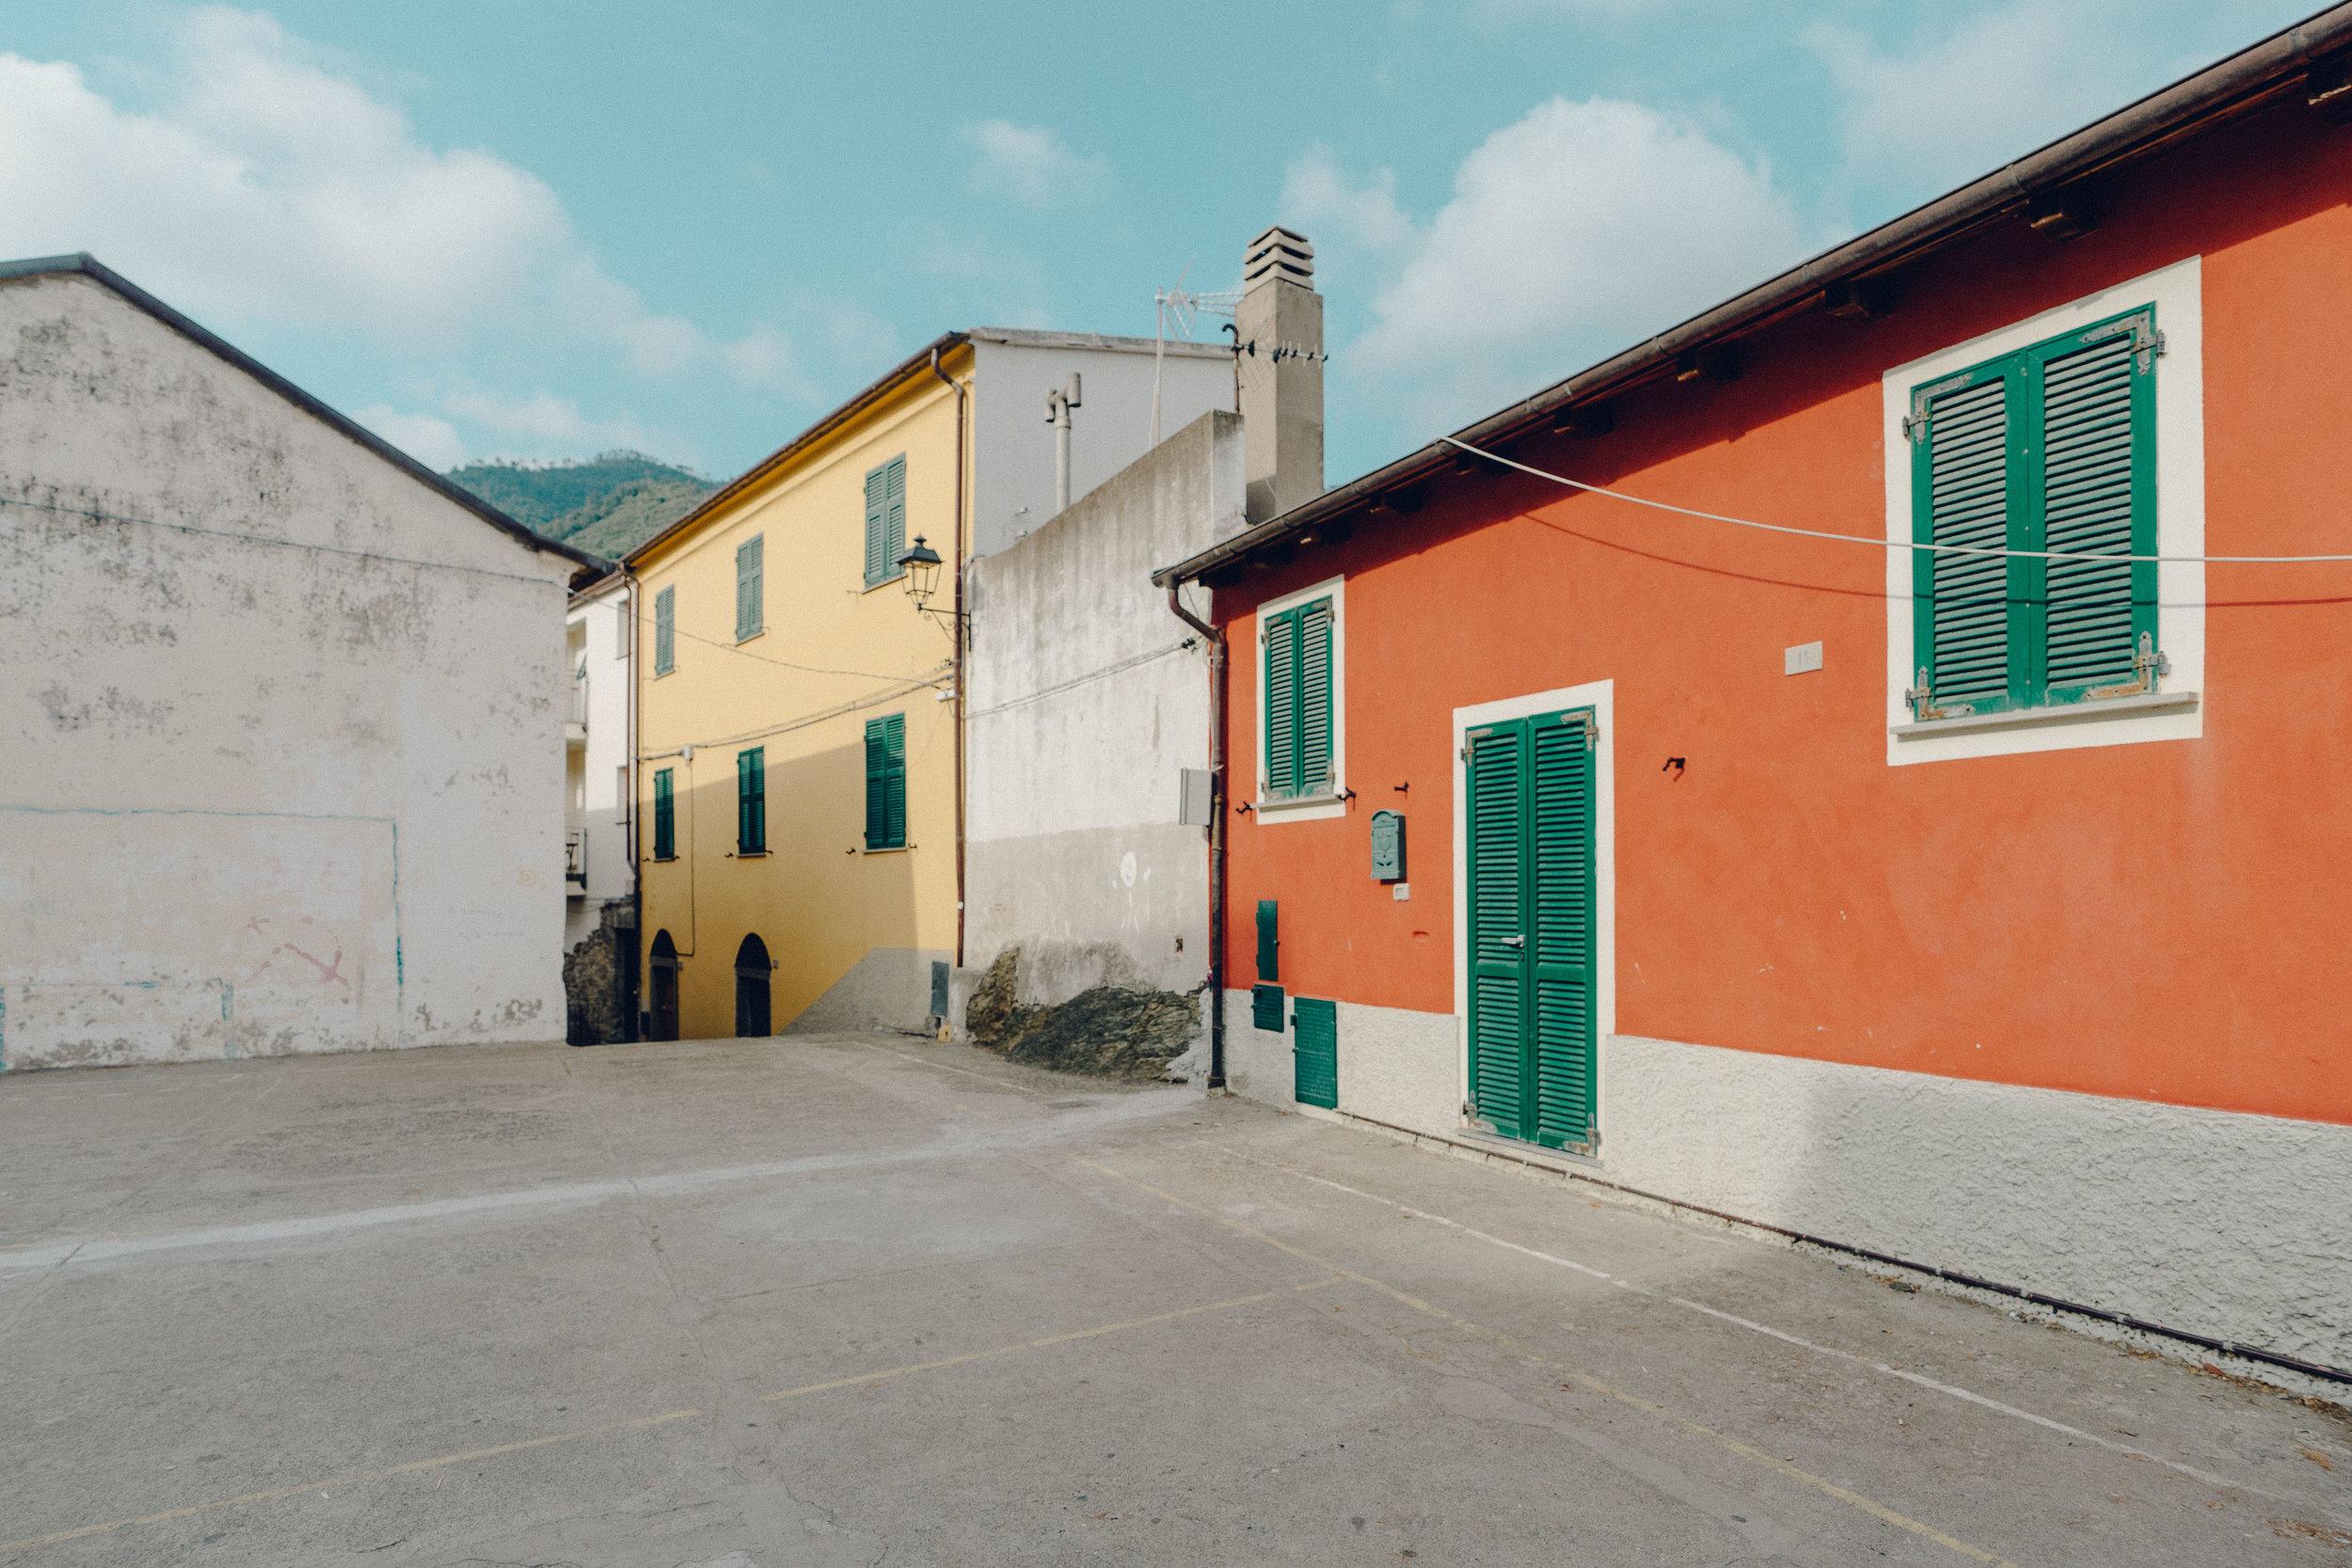 ASROSENVINGE_Roadtrip_Italy_Cinque_Terre-08137.jpg